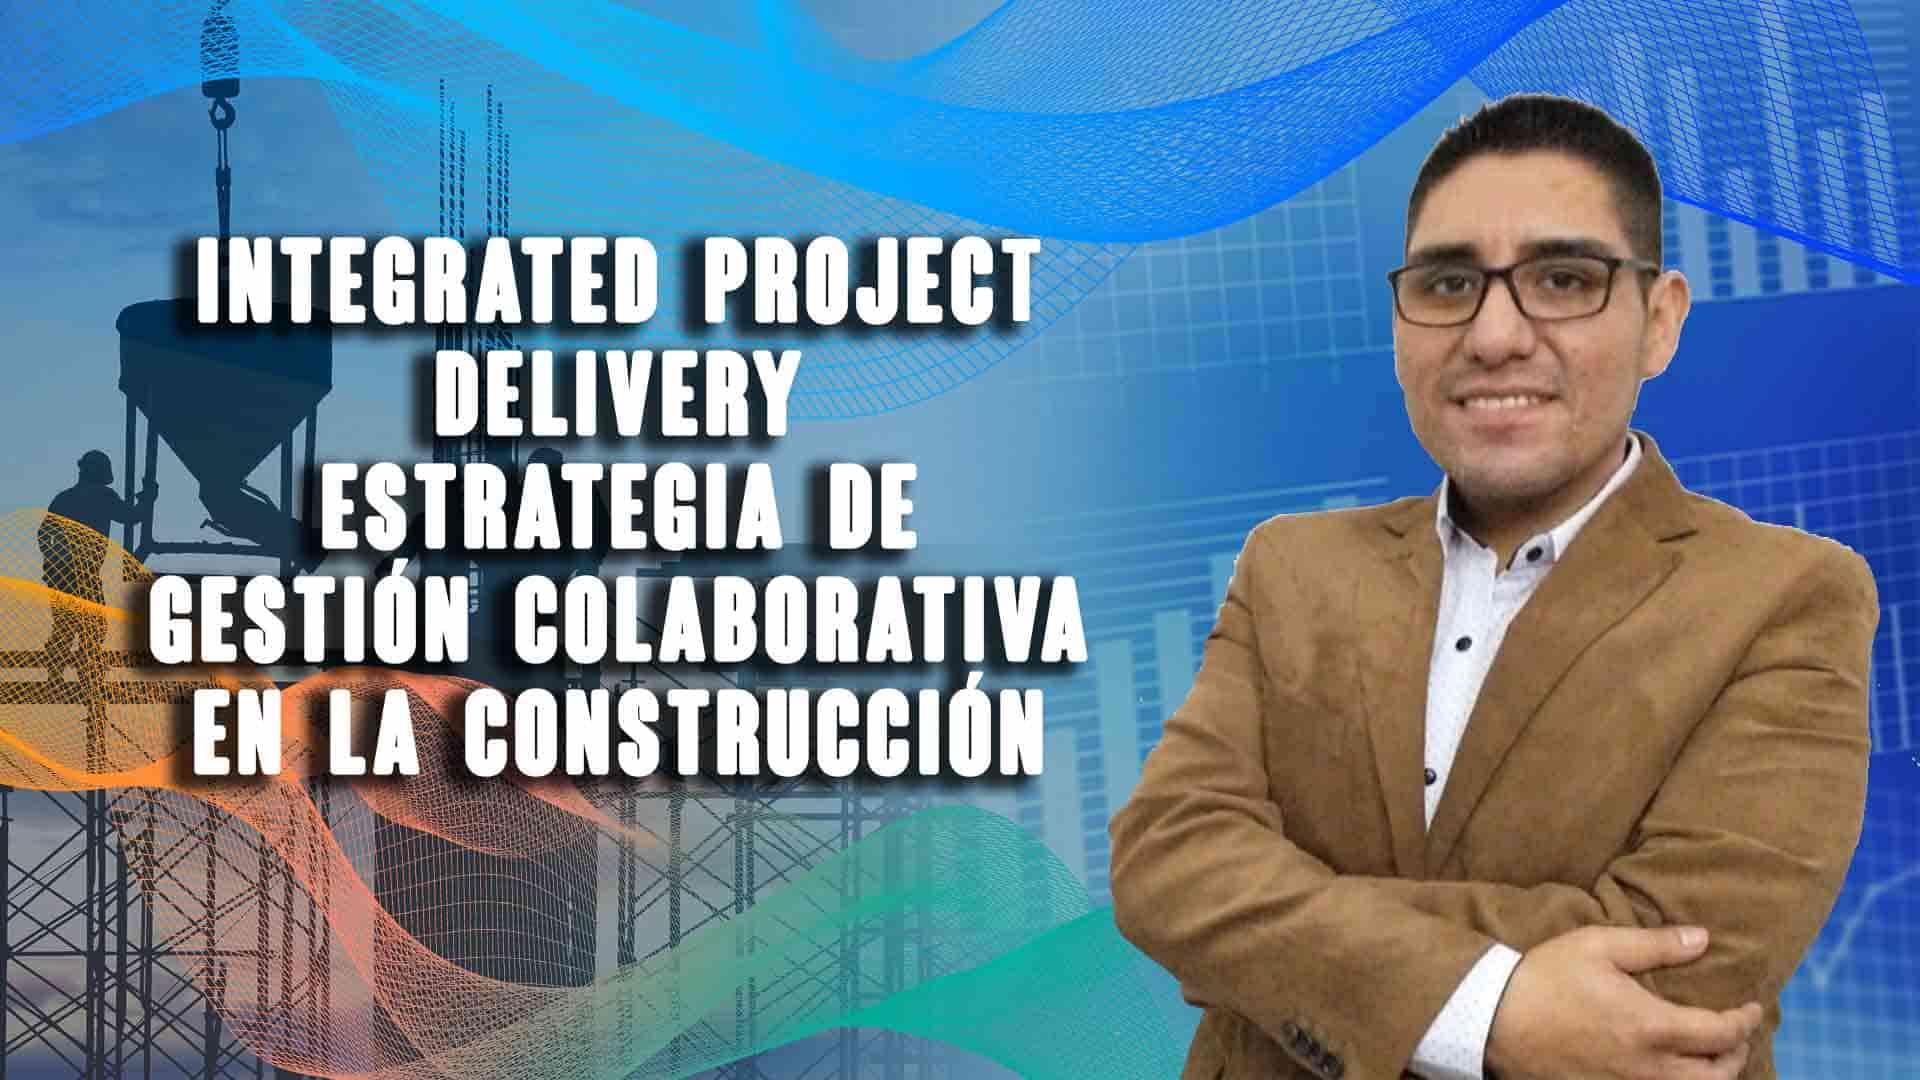 Integrated Project Delivery  estrategia de gestión colaborativa en la construcción